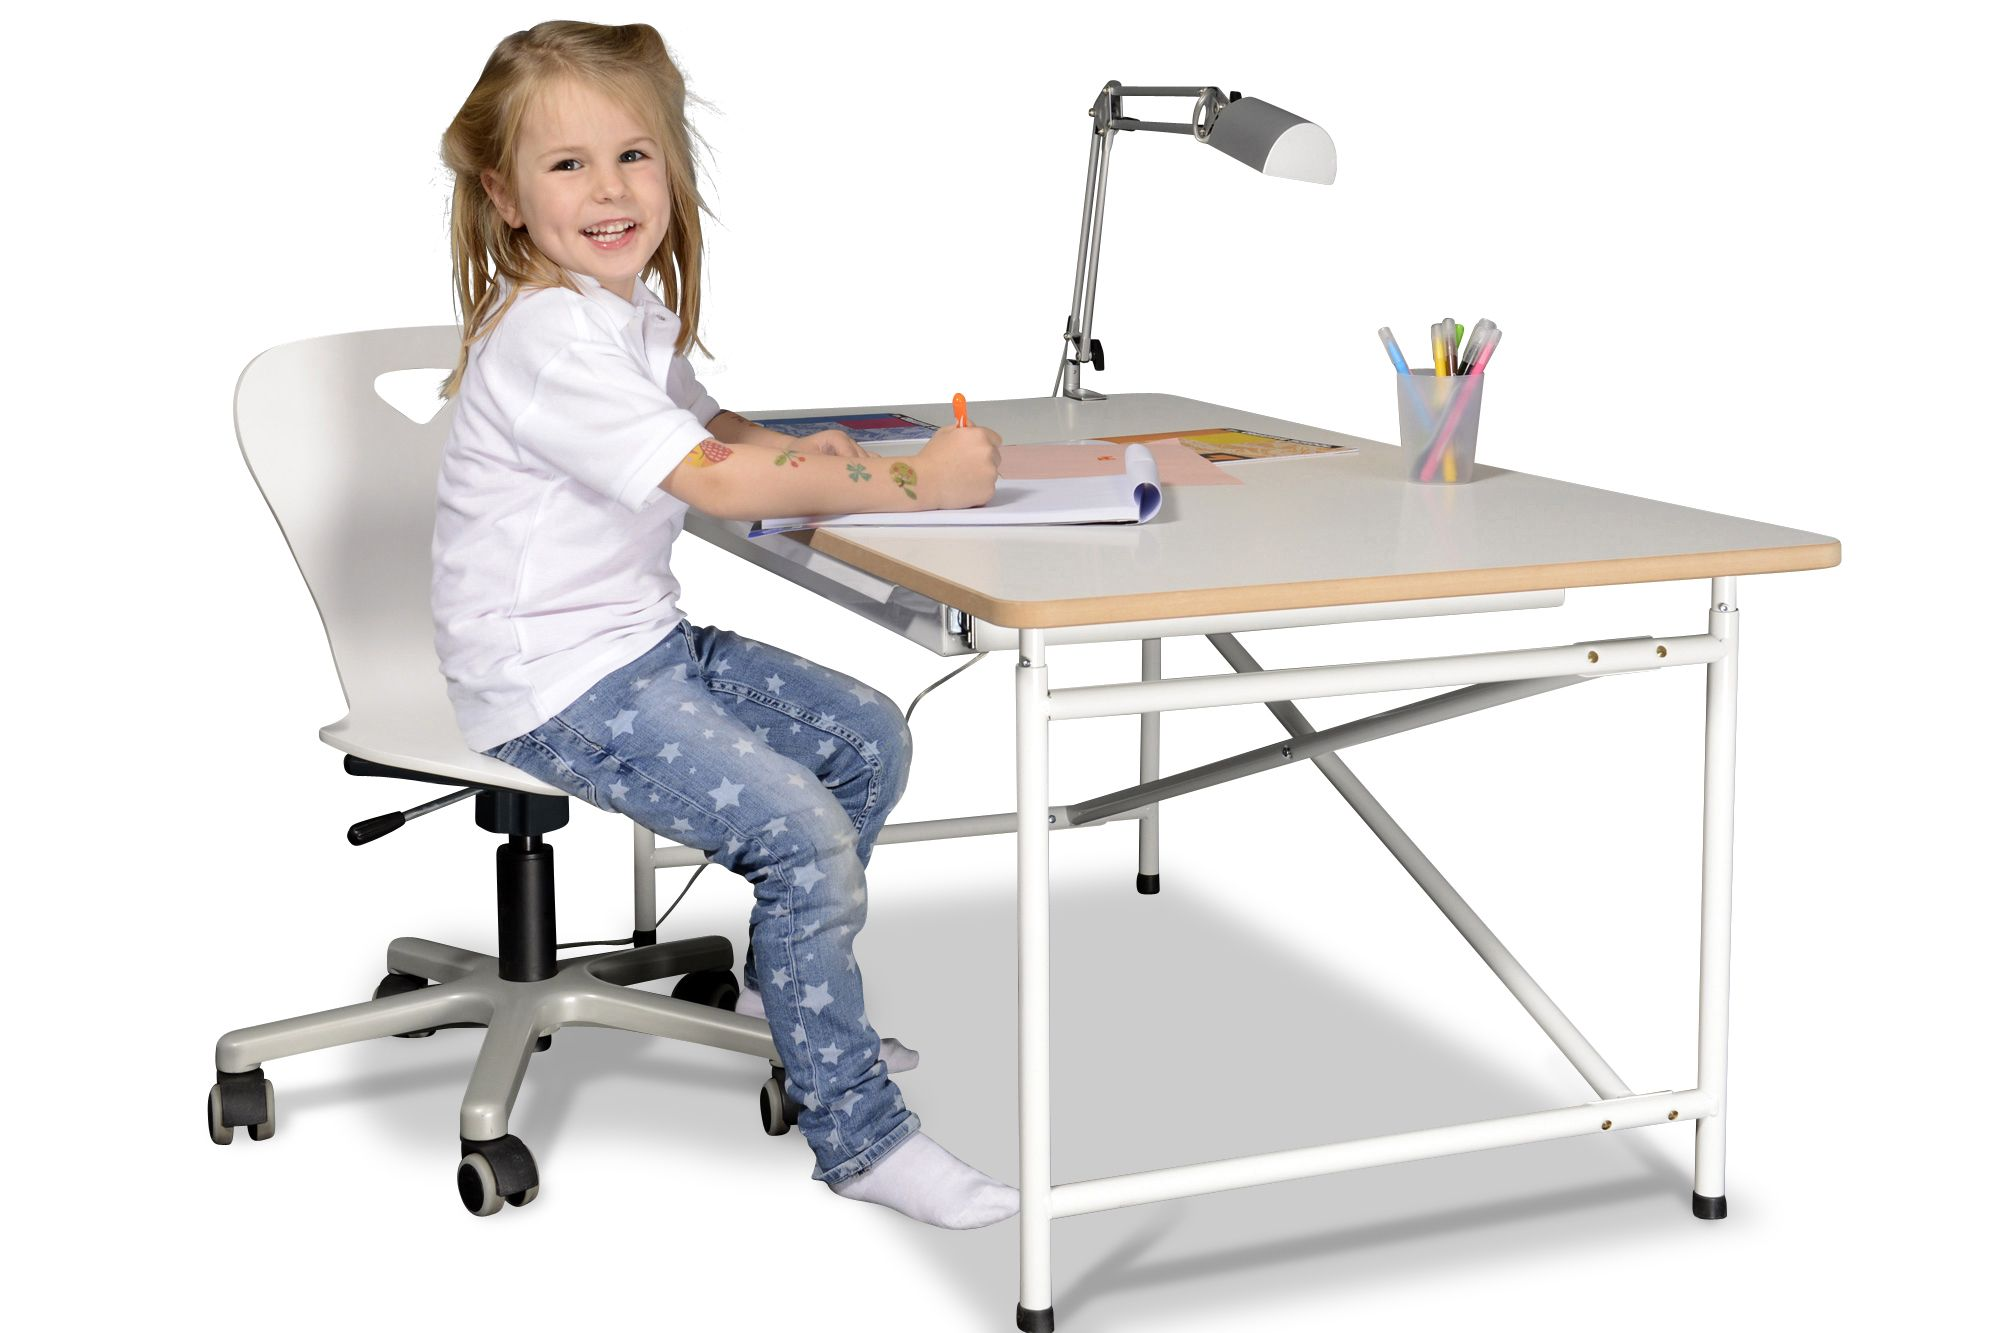 Schreibtisch Kinto By Salto 90cm X 68cm Hohenverstellbar Kinder